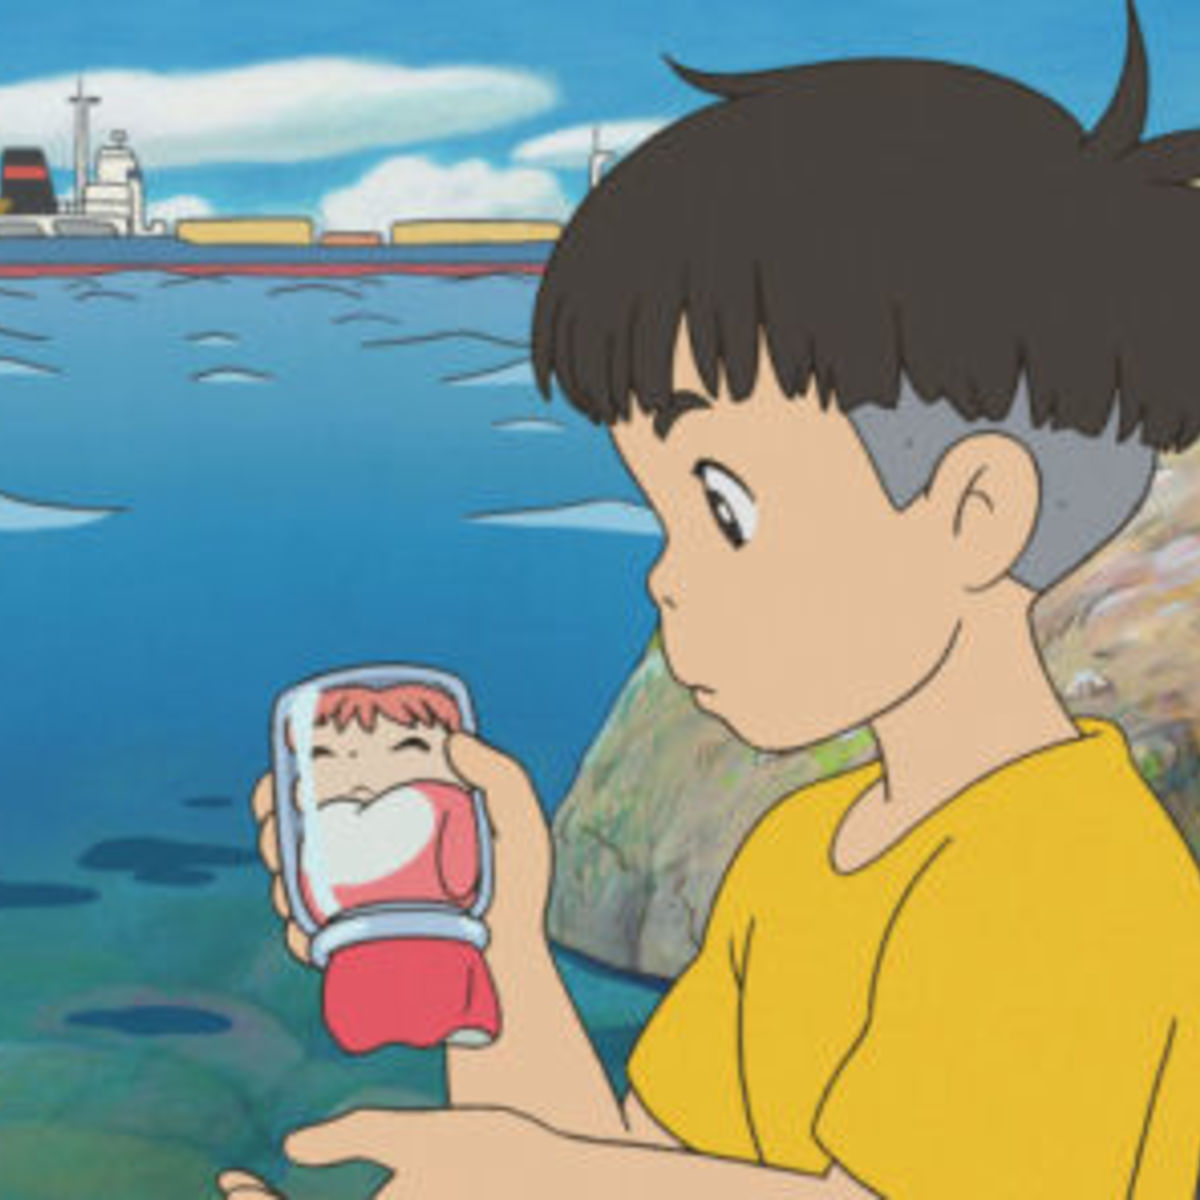 Ponyo_two_small_1.jpg